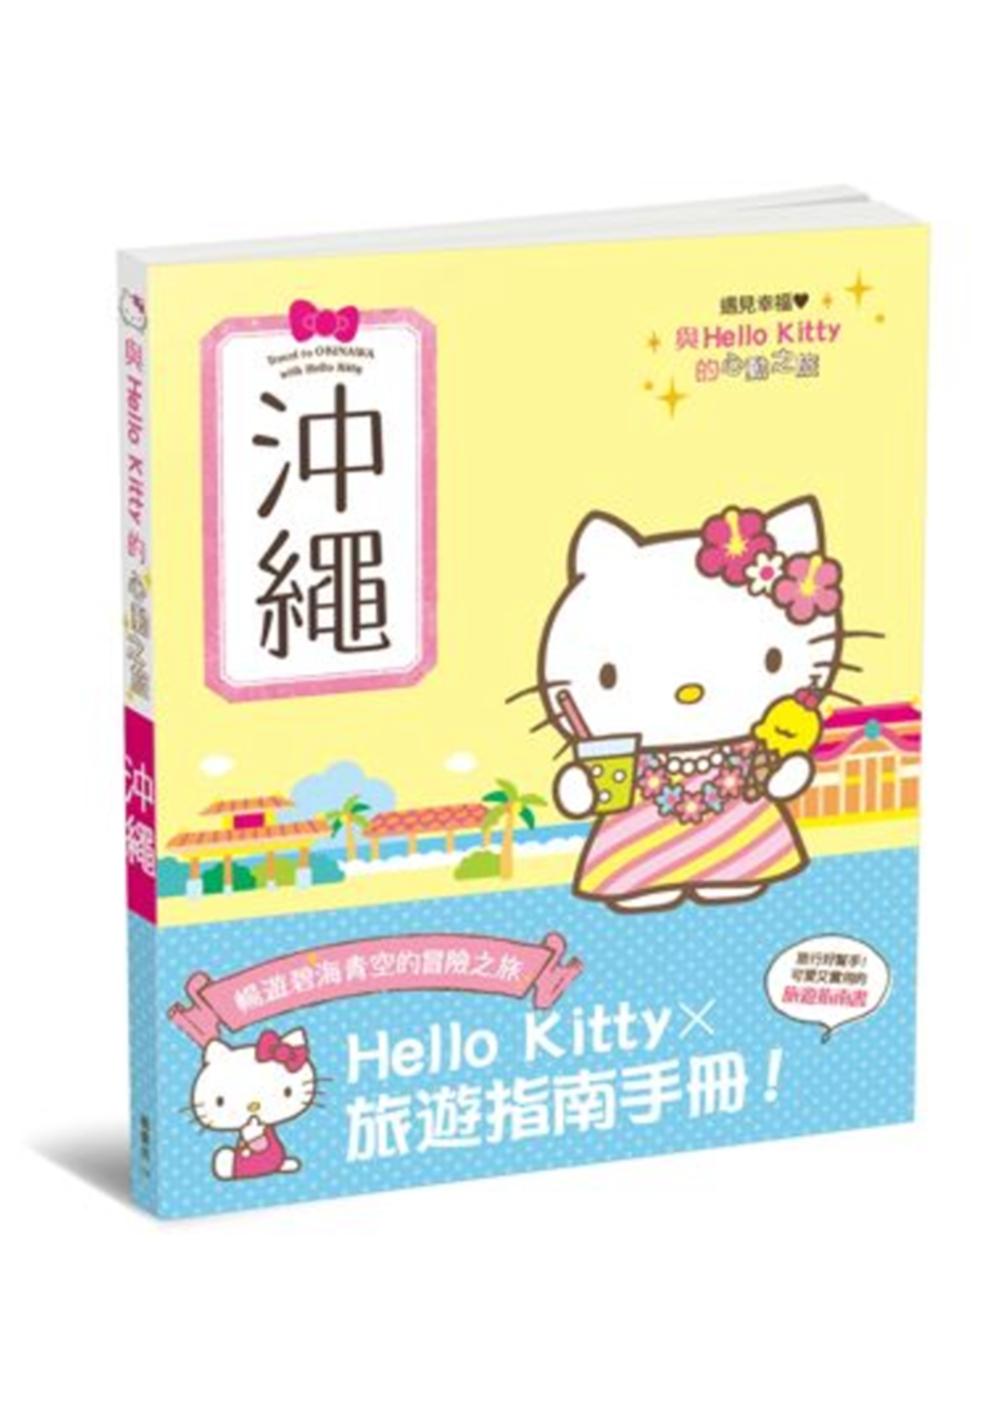 與Hello Kitty的心動之旅 沖繩